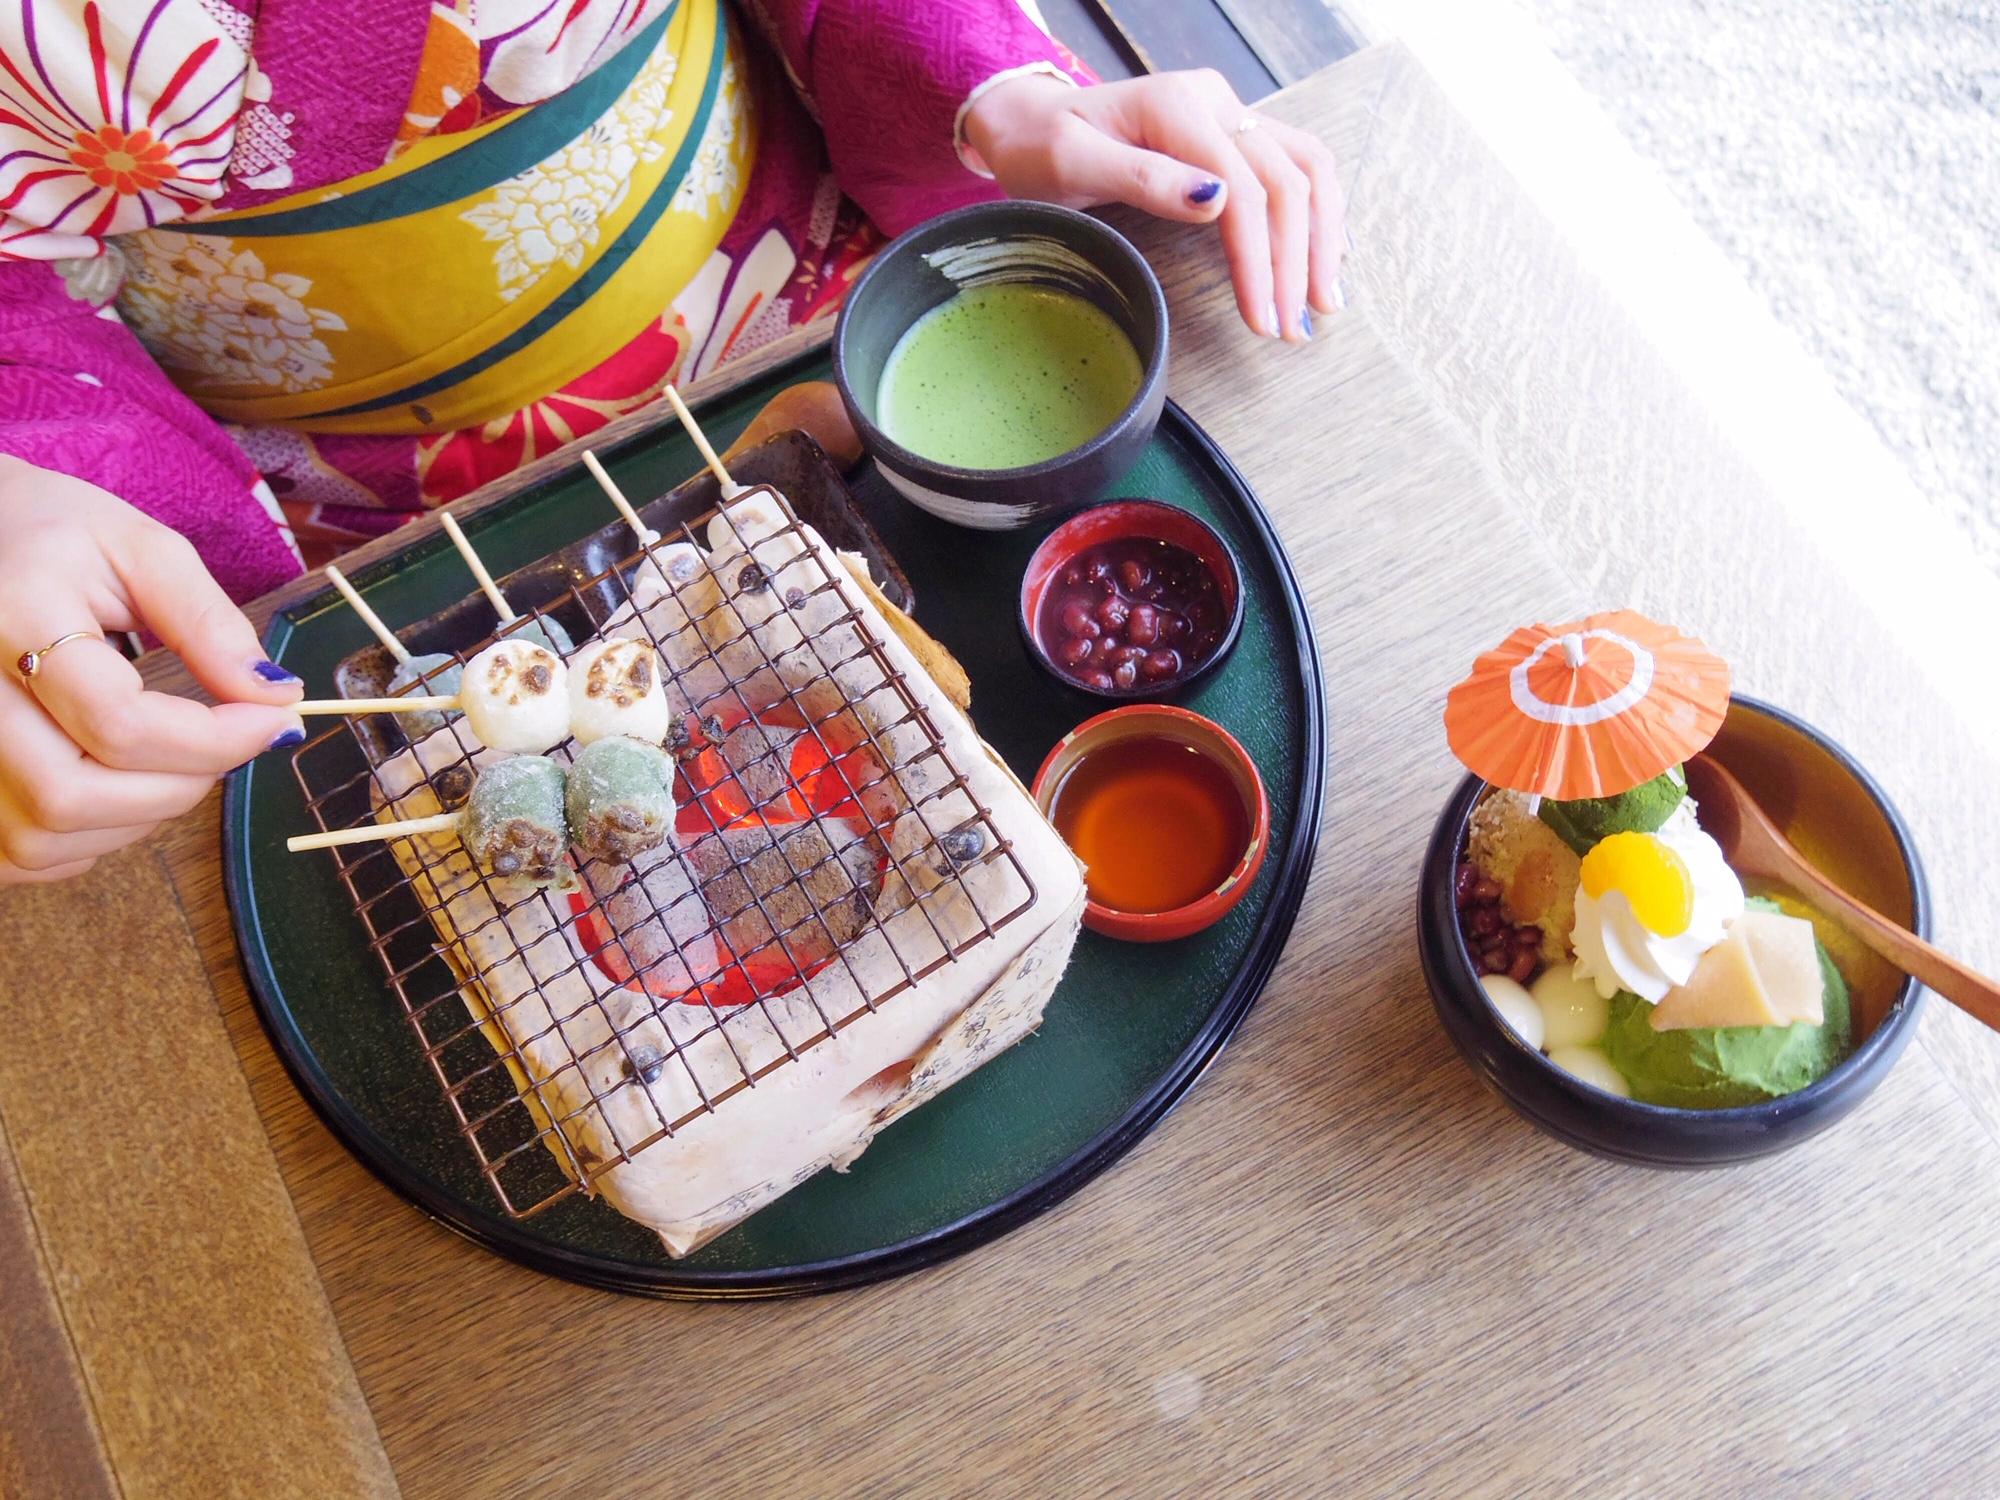 【京都女子旅】イクスカフェ 京都嵐山本店はフォトジェニックなスイーツだらけ♡_5